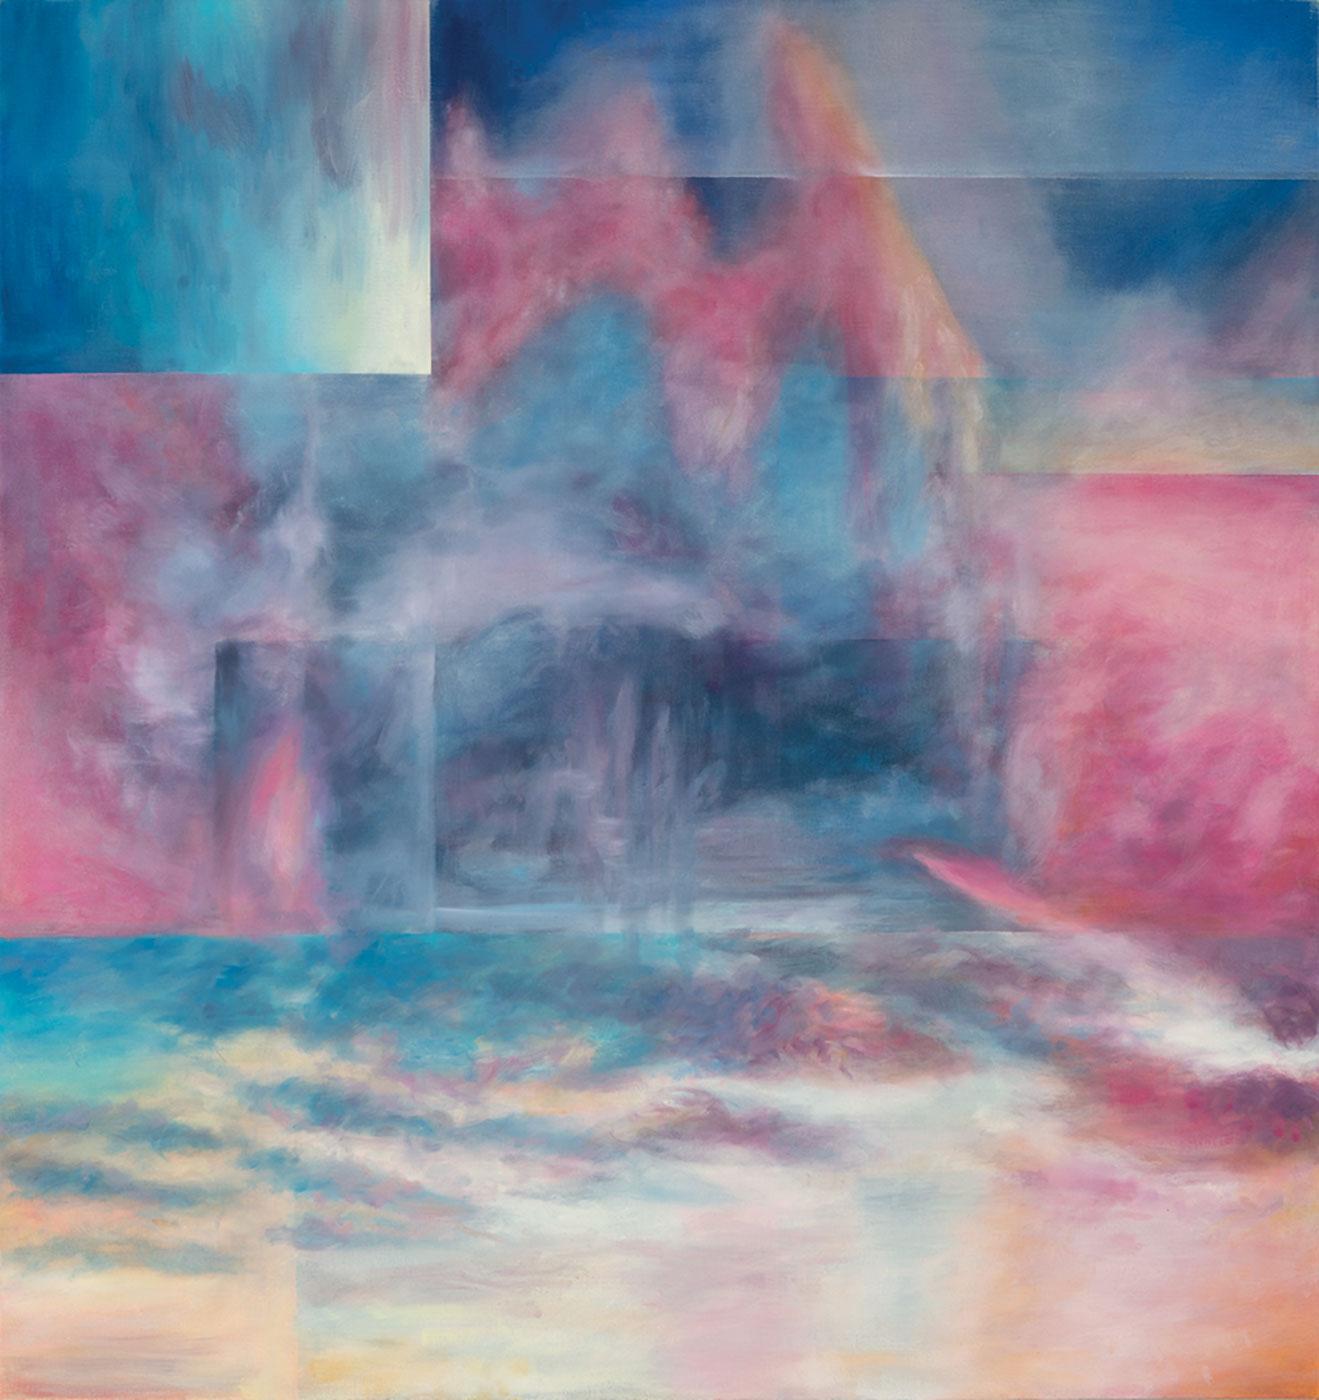 Sarah C. Morris - Sunset Studies